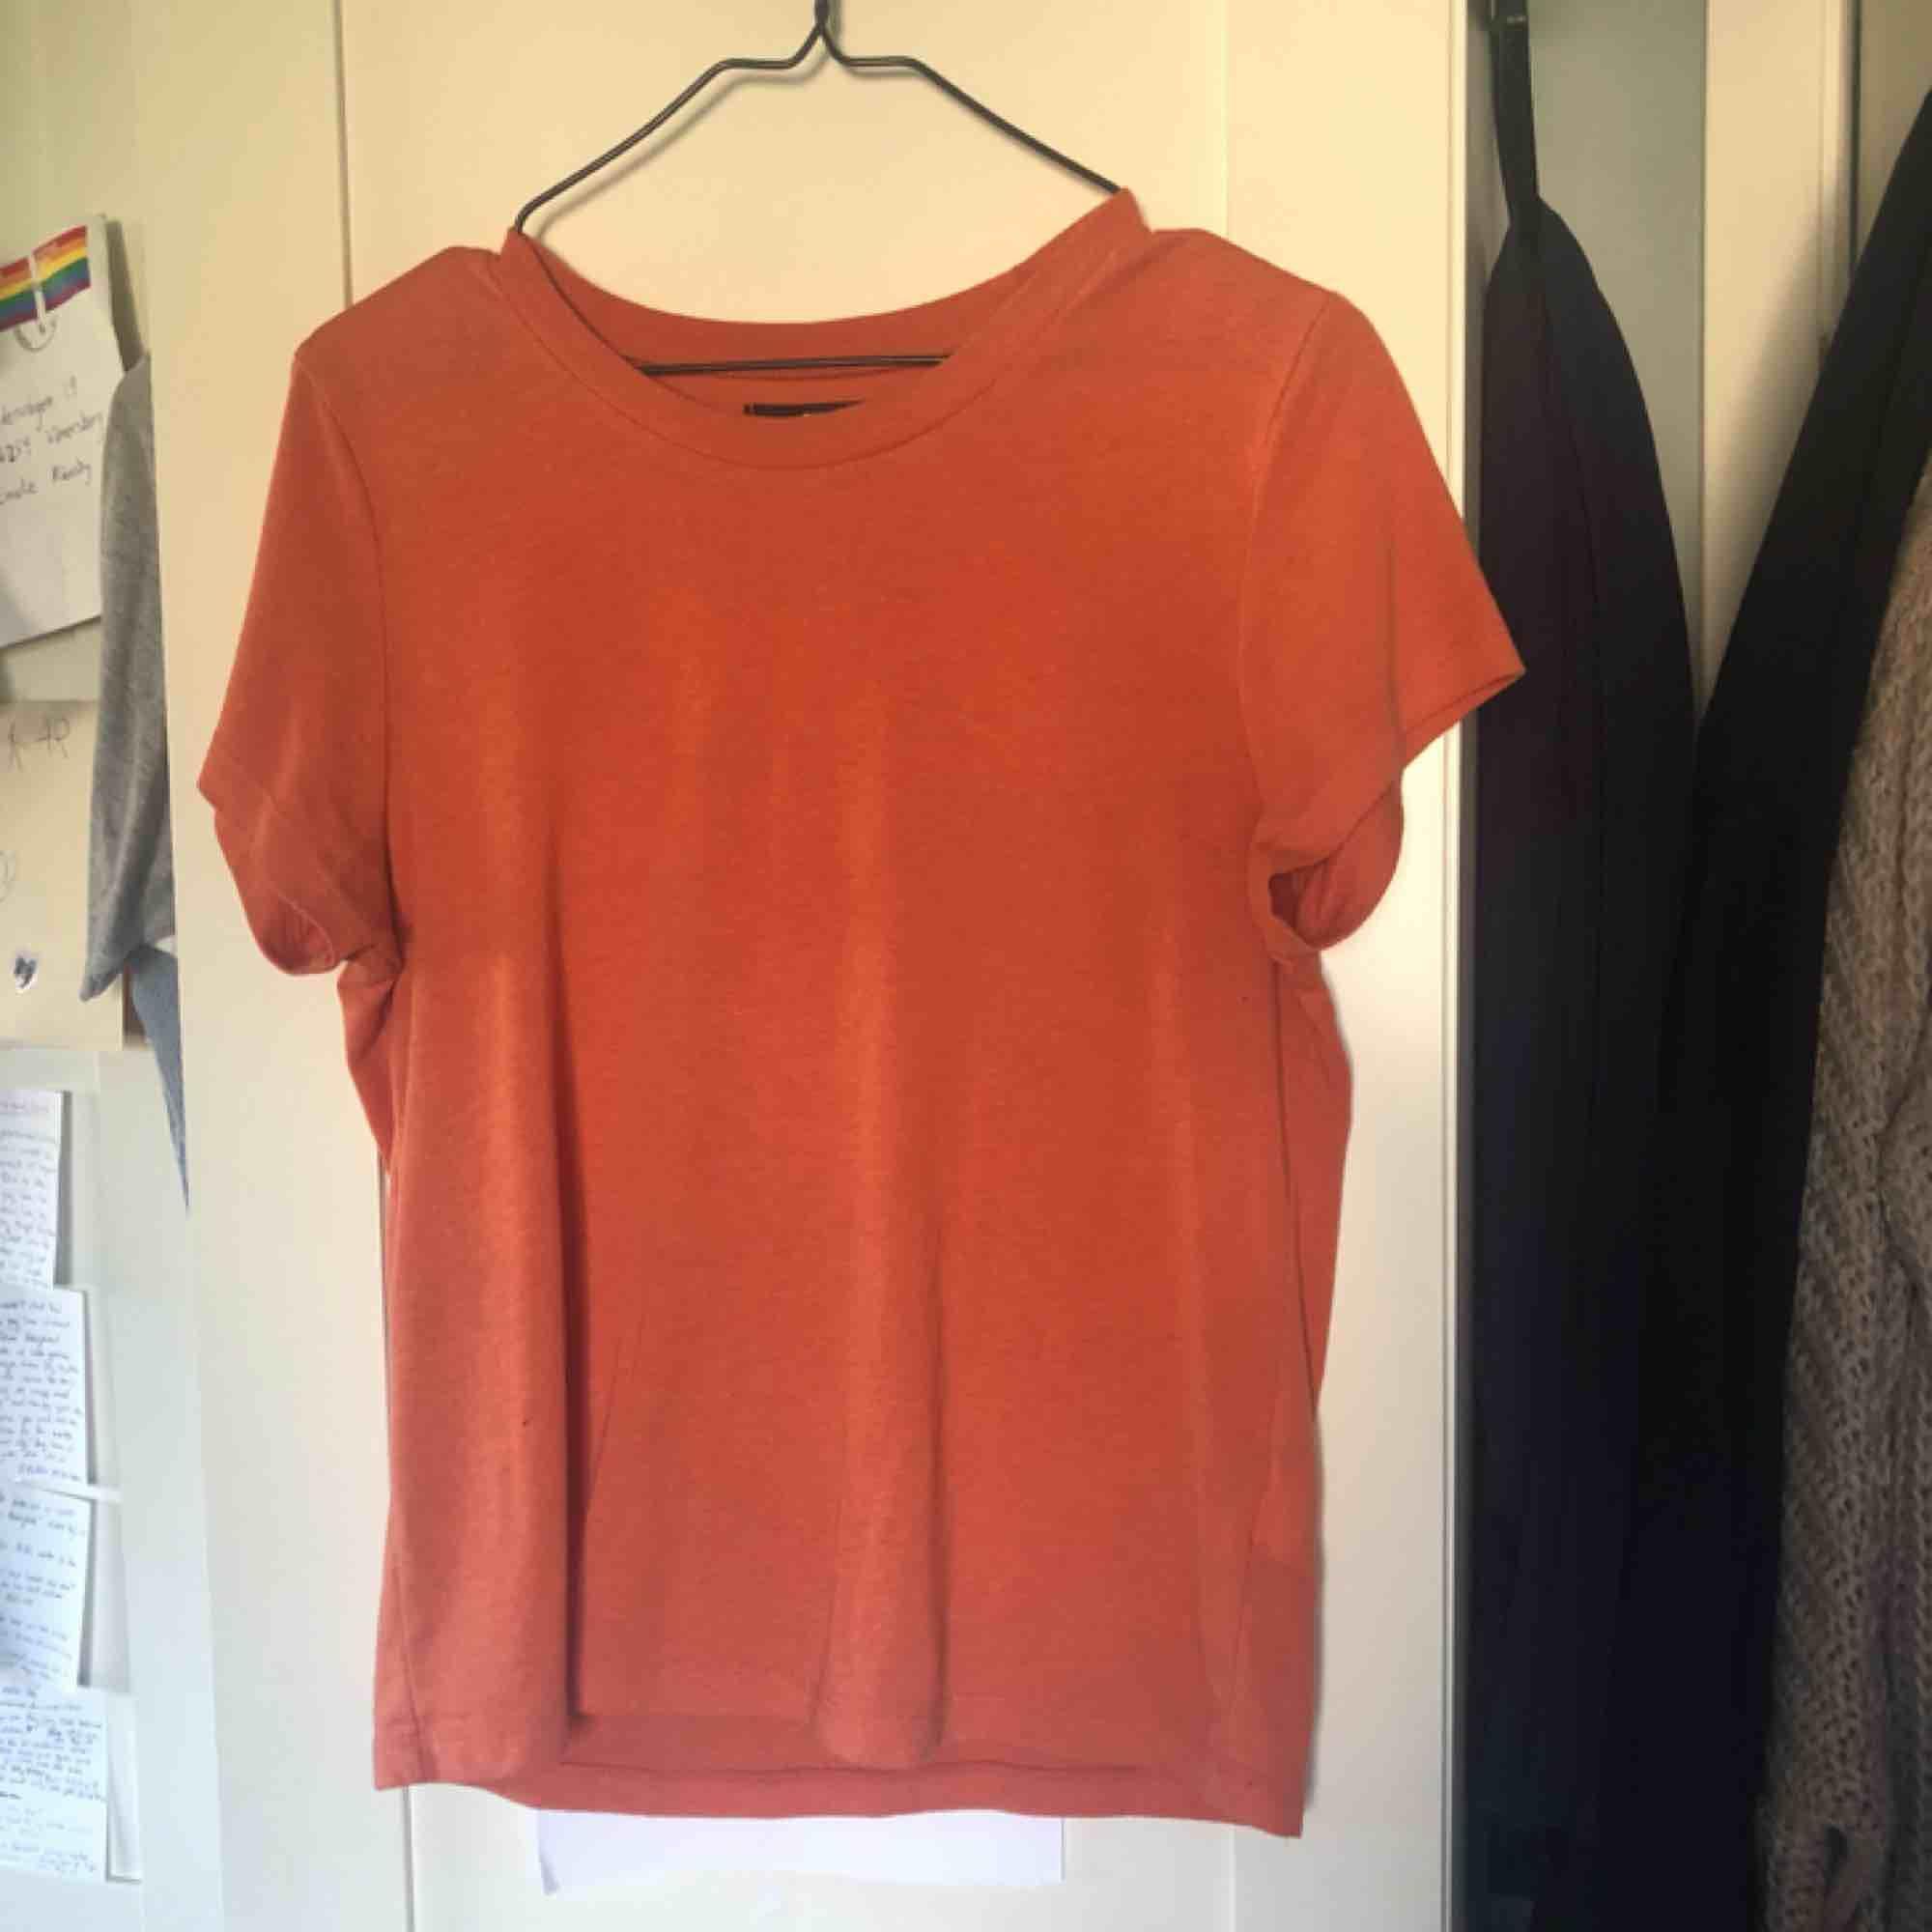 Superfin orange tshirt, första bilden visar bäst färgen!  . T-shirts.